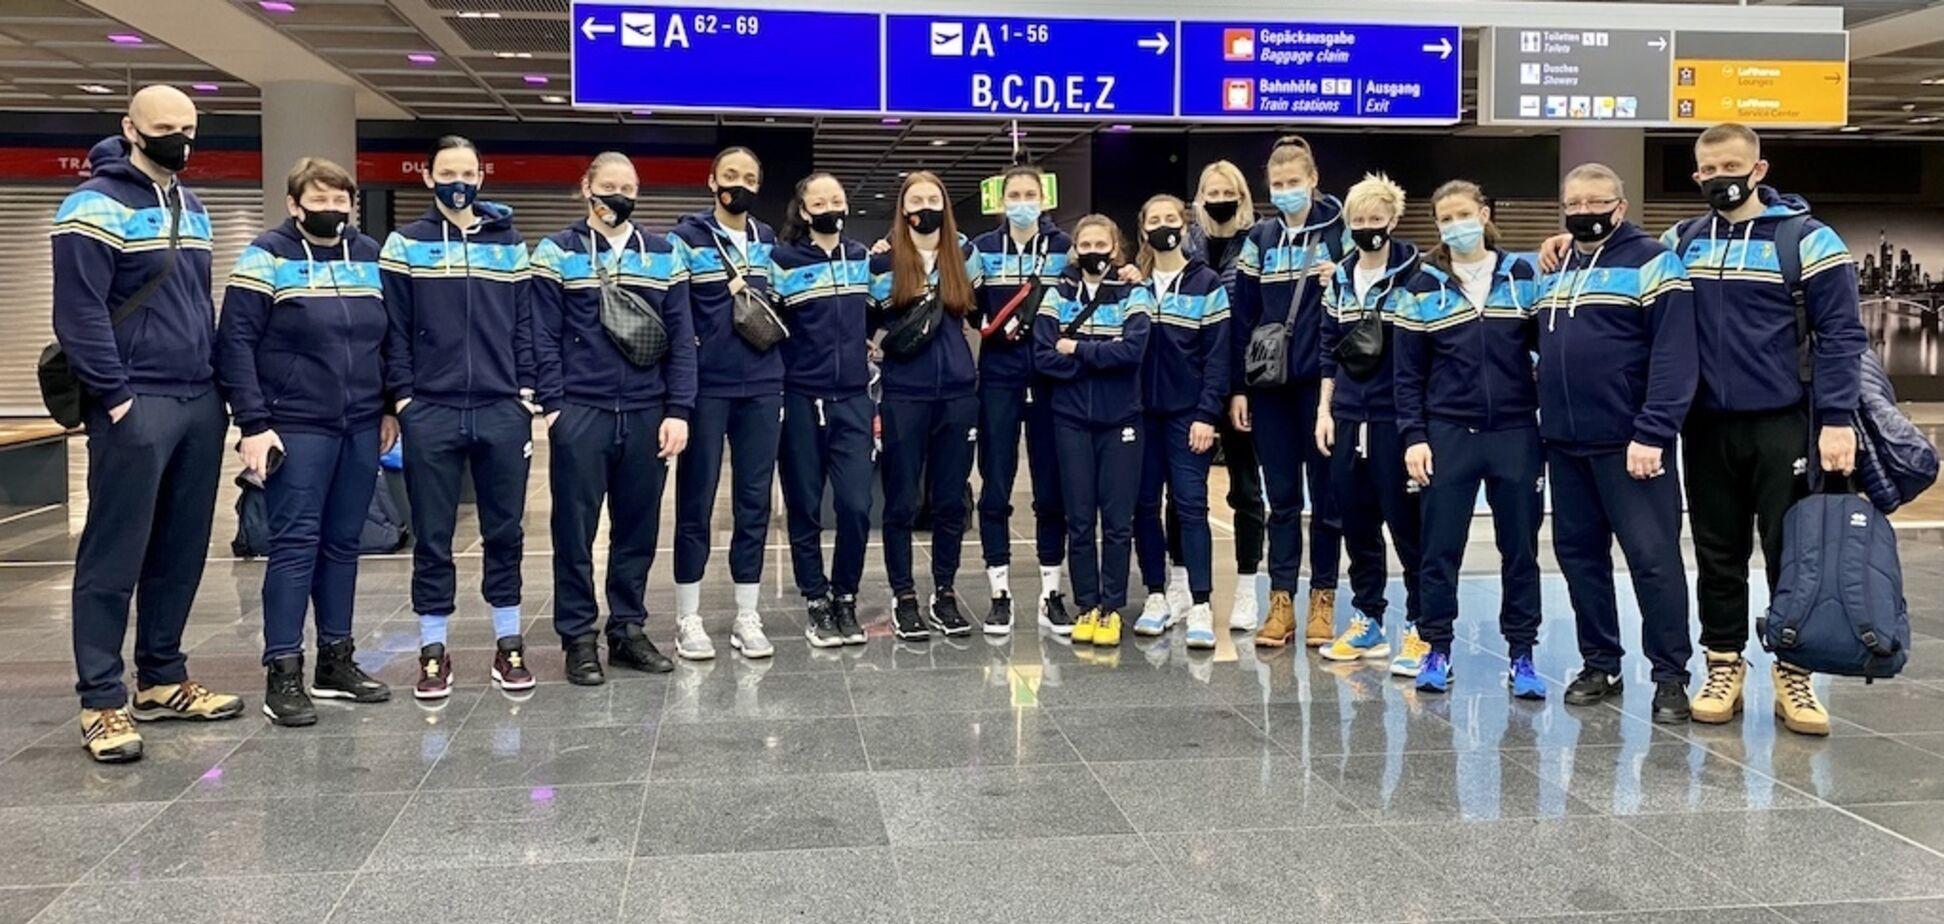 Визначився остаточний склад збірної України на матчі відбору жіночого Євробаскету-2021